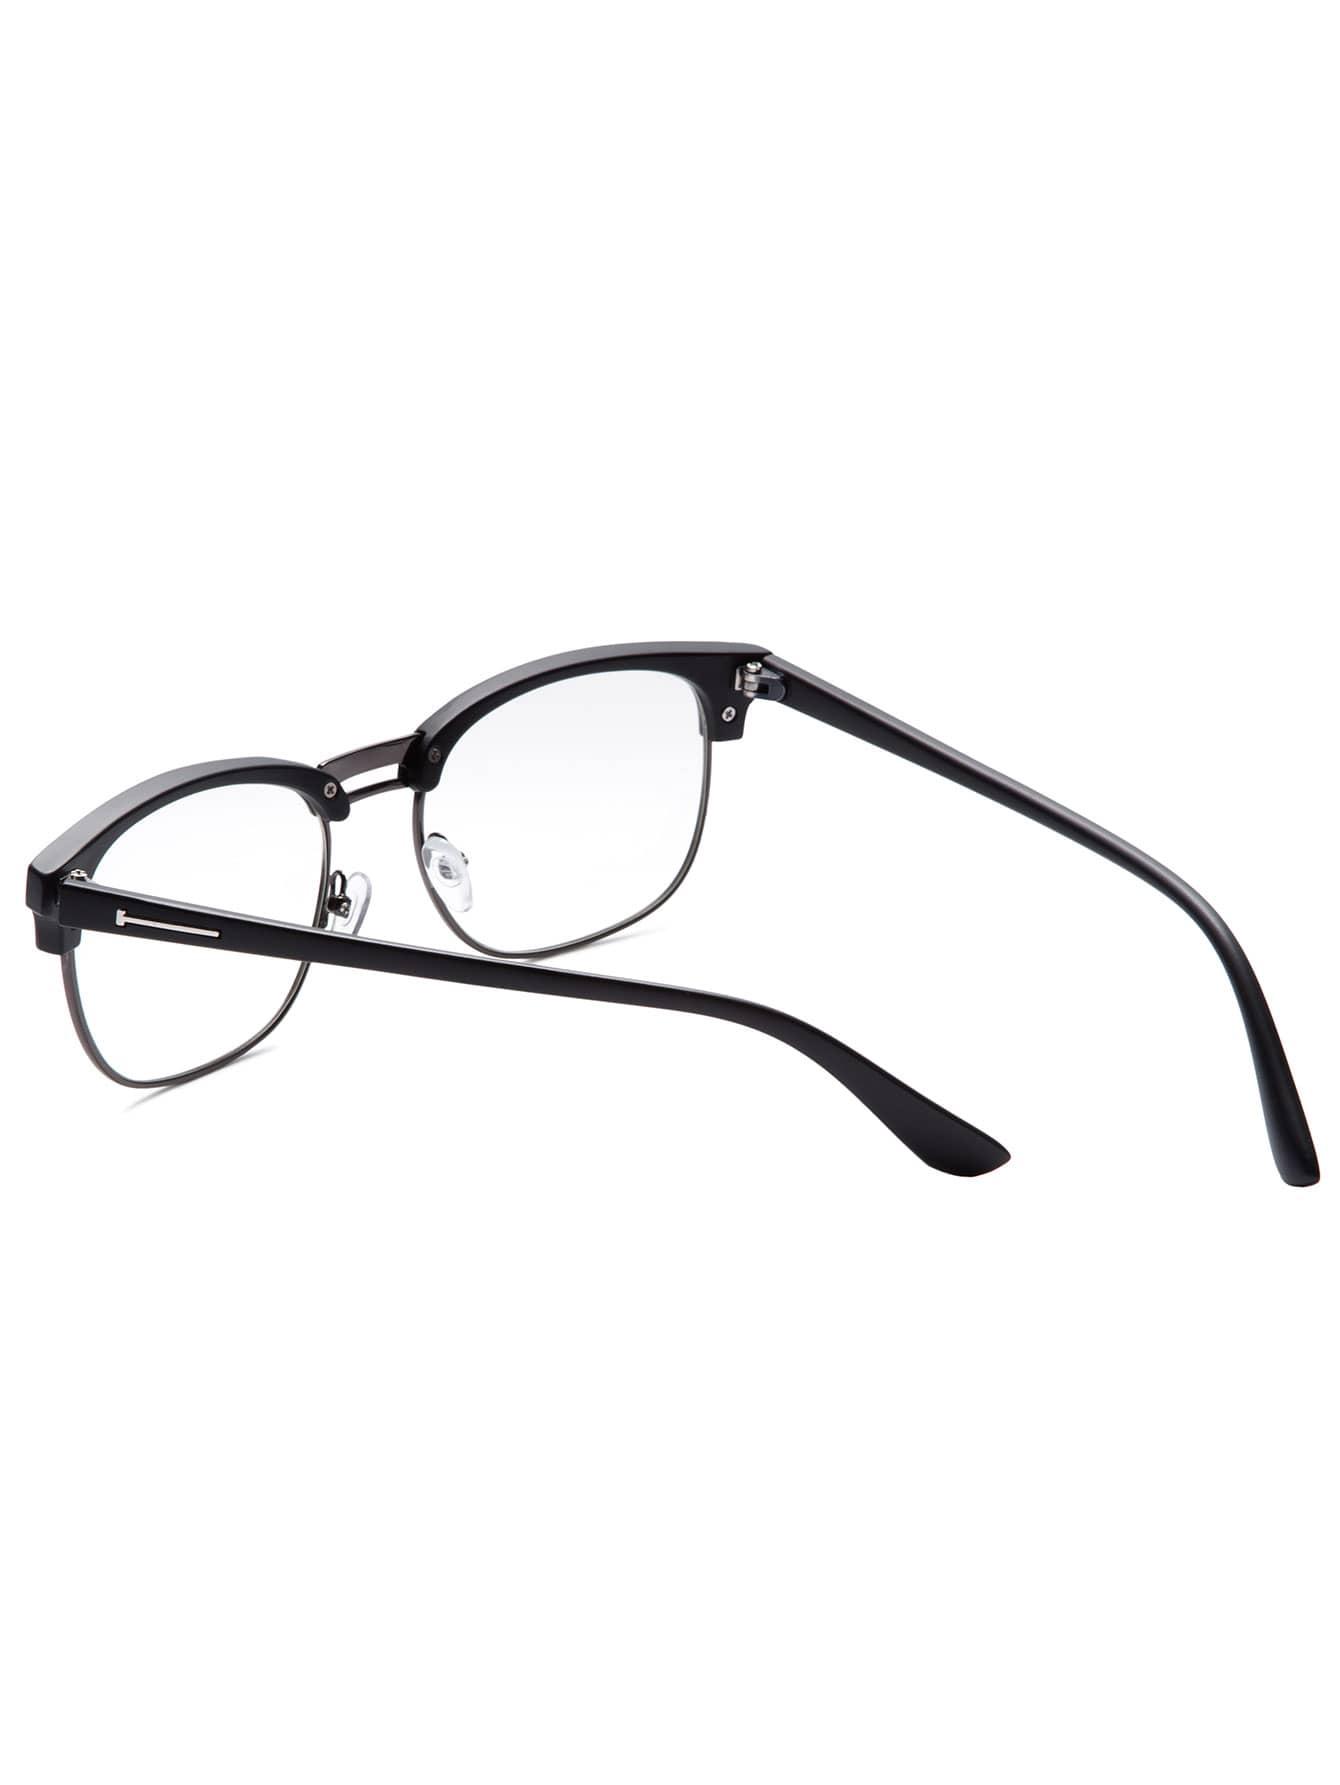 Eyeglass Frame Polish : Black Open Frame Dull Polish Glasses